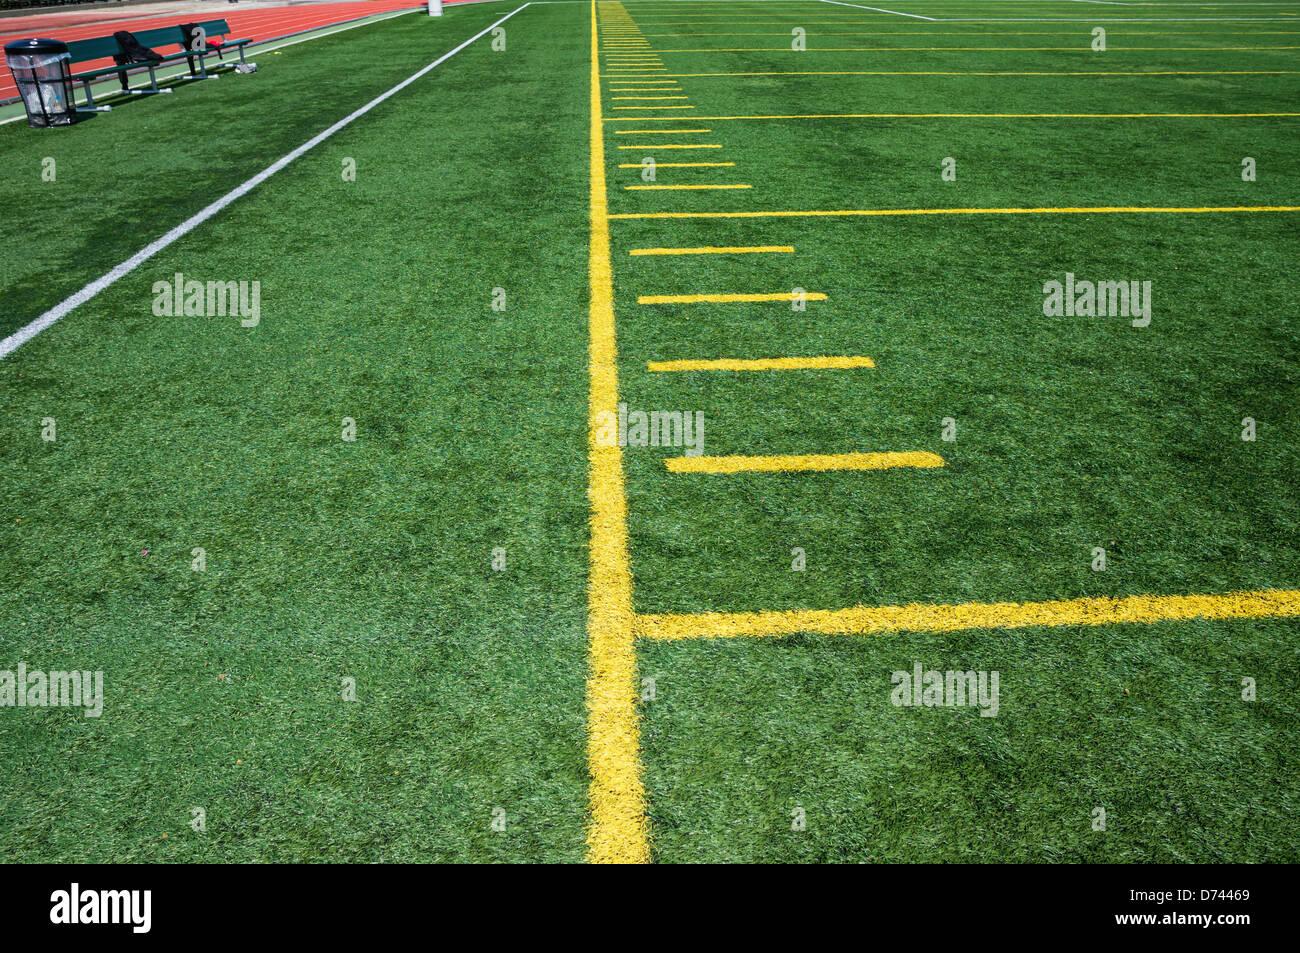 Dejar de lado en el campo de césped artificial de fútbol americano con marcas hash. Imagen De Stock